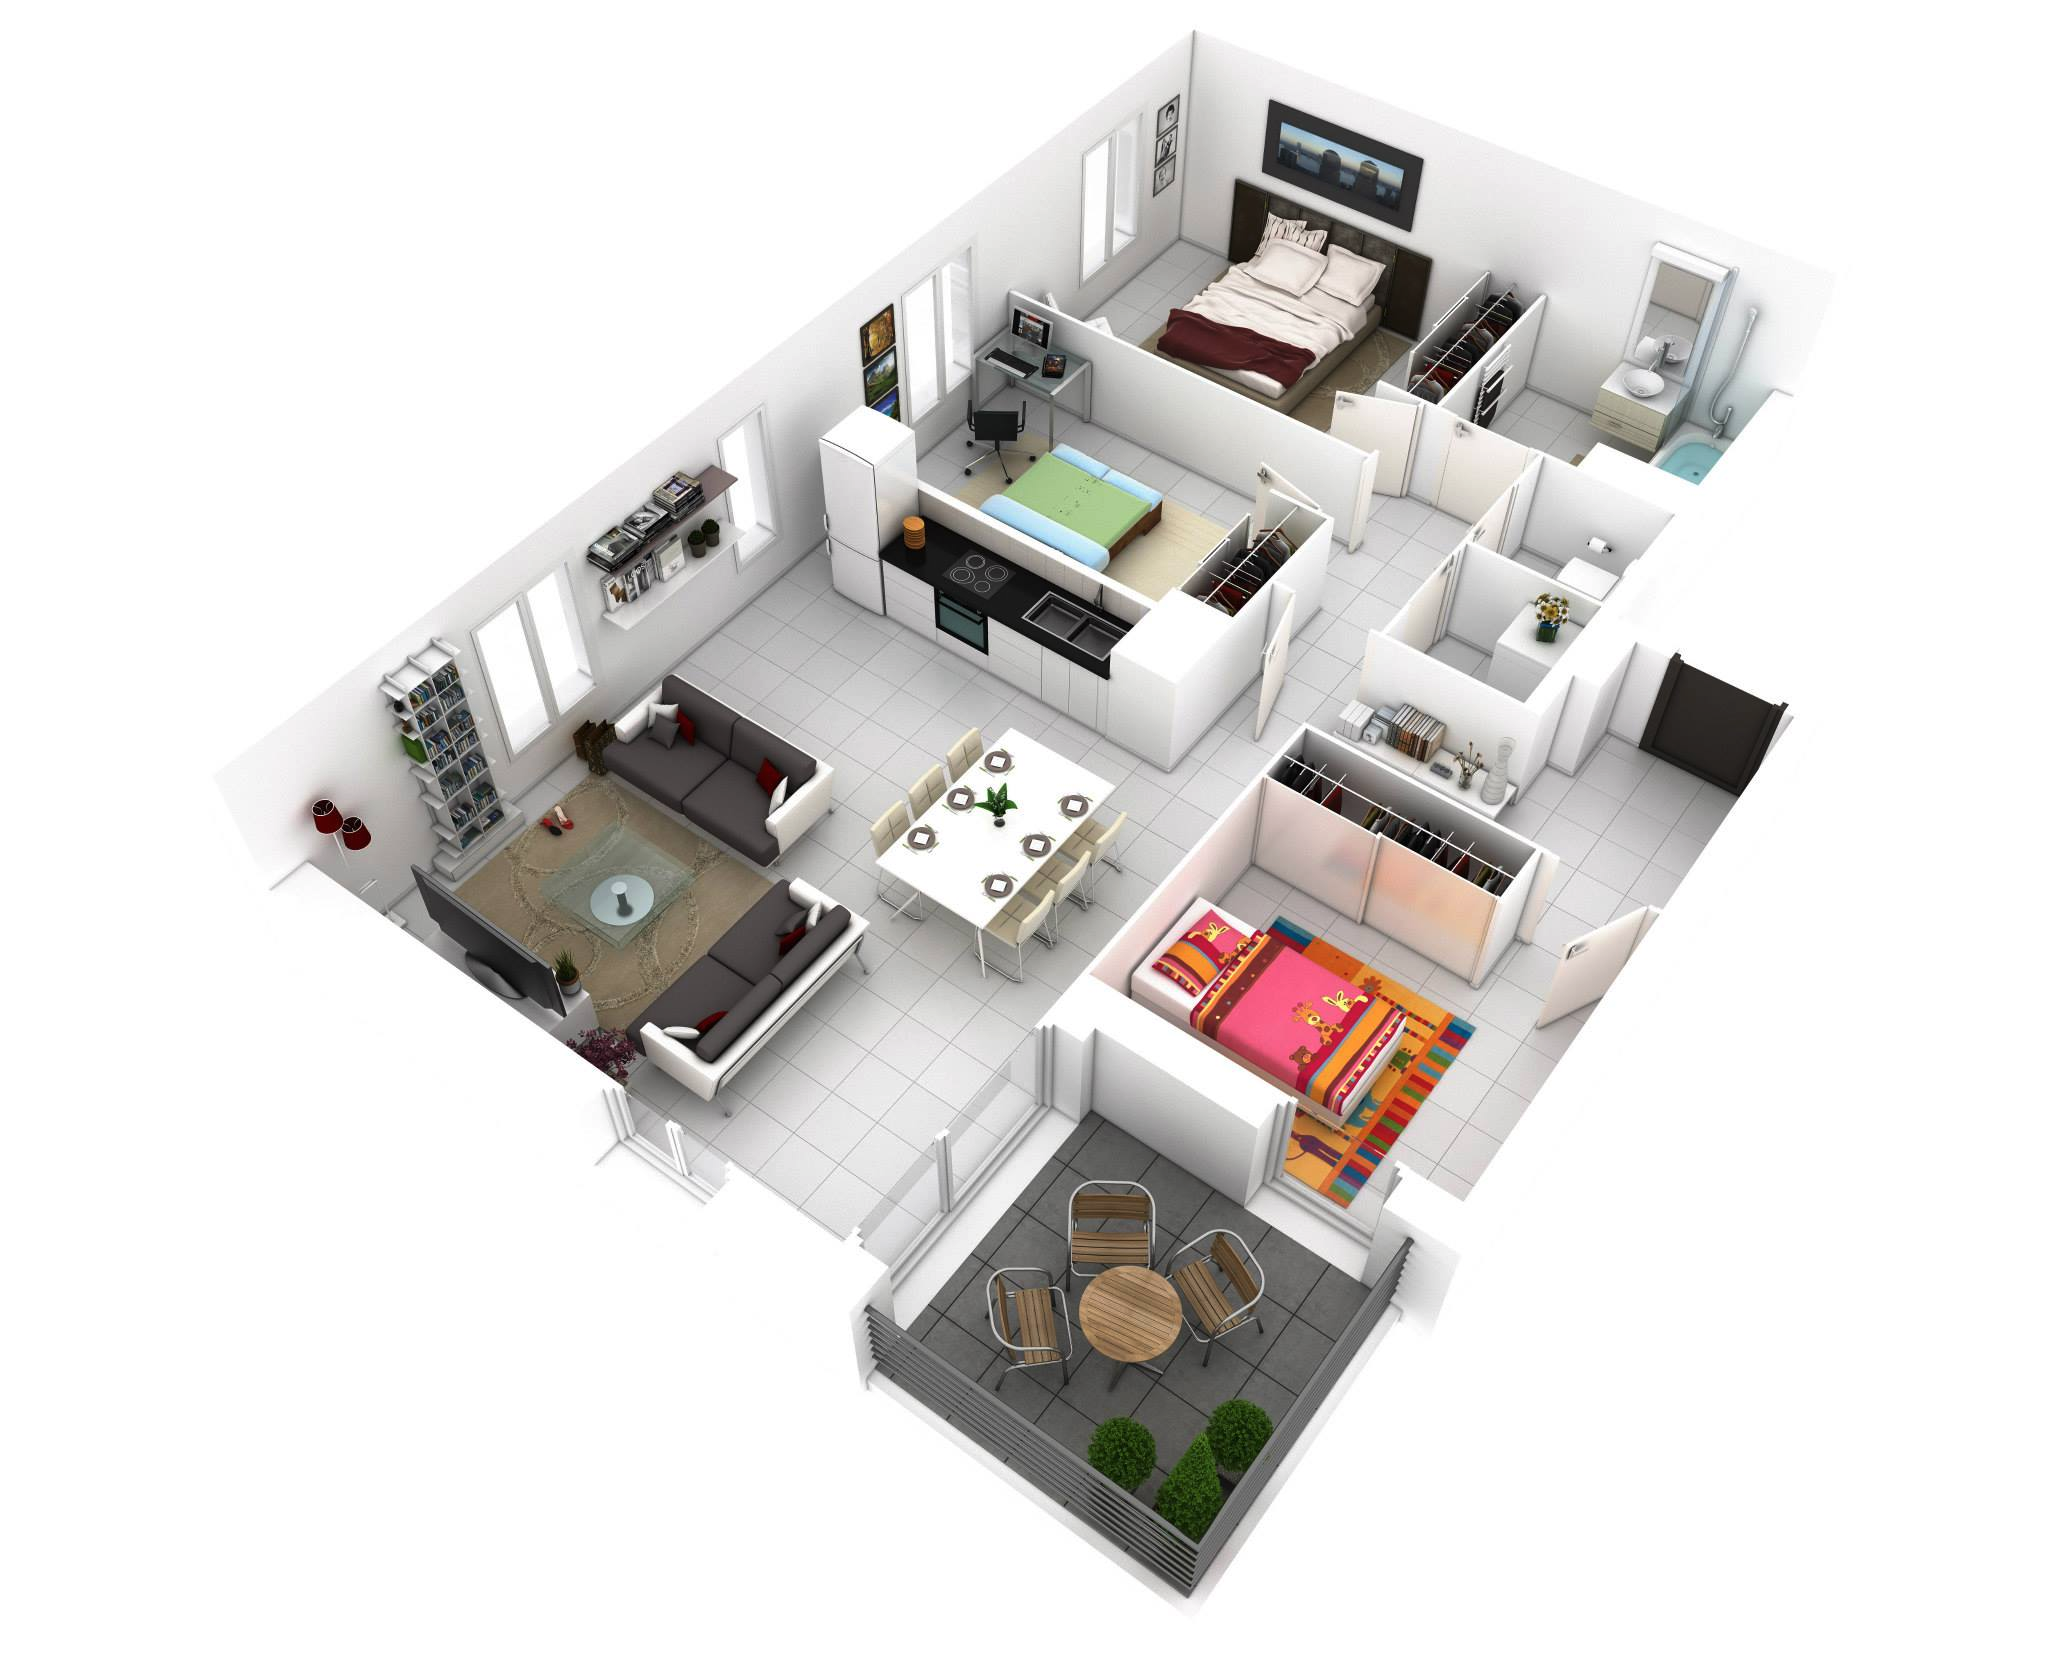 planos de casas modernas de 1 piso en 3d